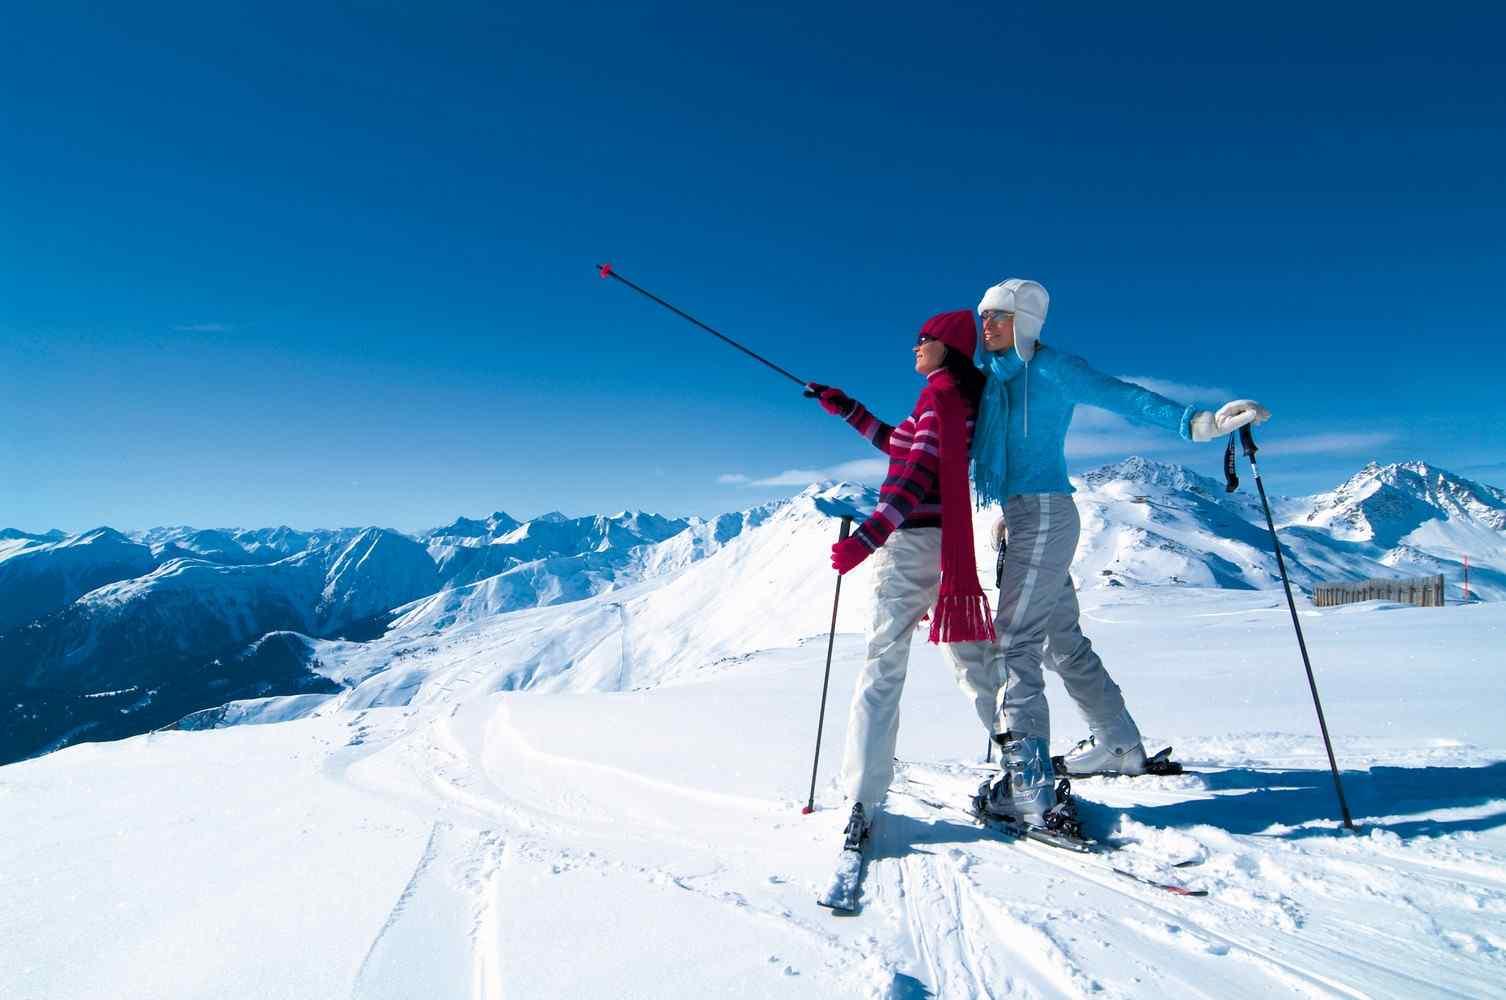 https://www.hotelcasamia.com.mx/wp-content/uploads/2016/02/winter-activities_01-1.jpg